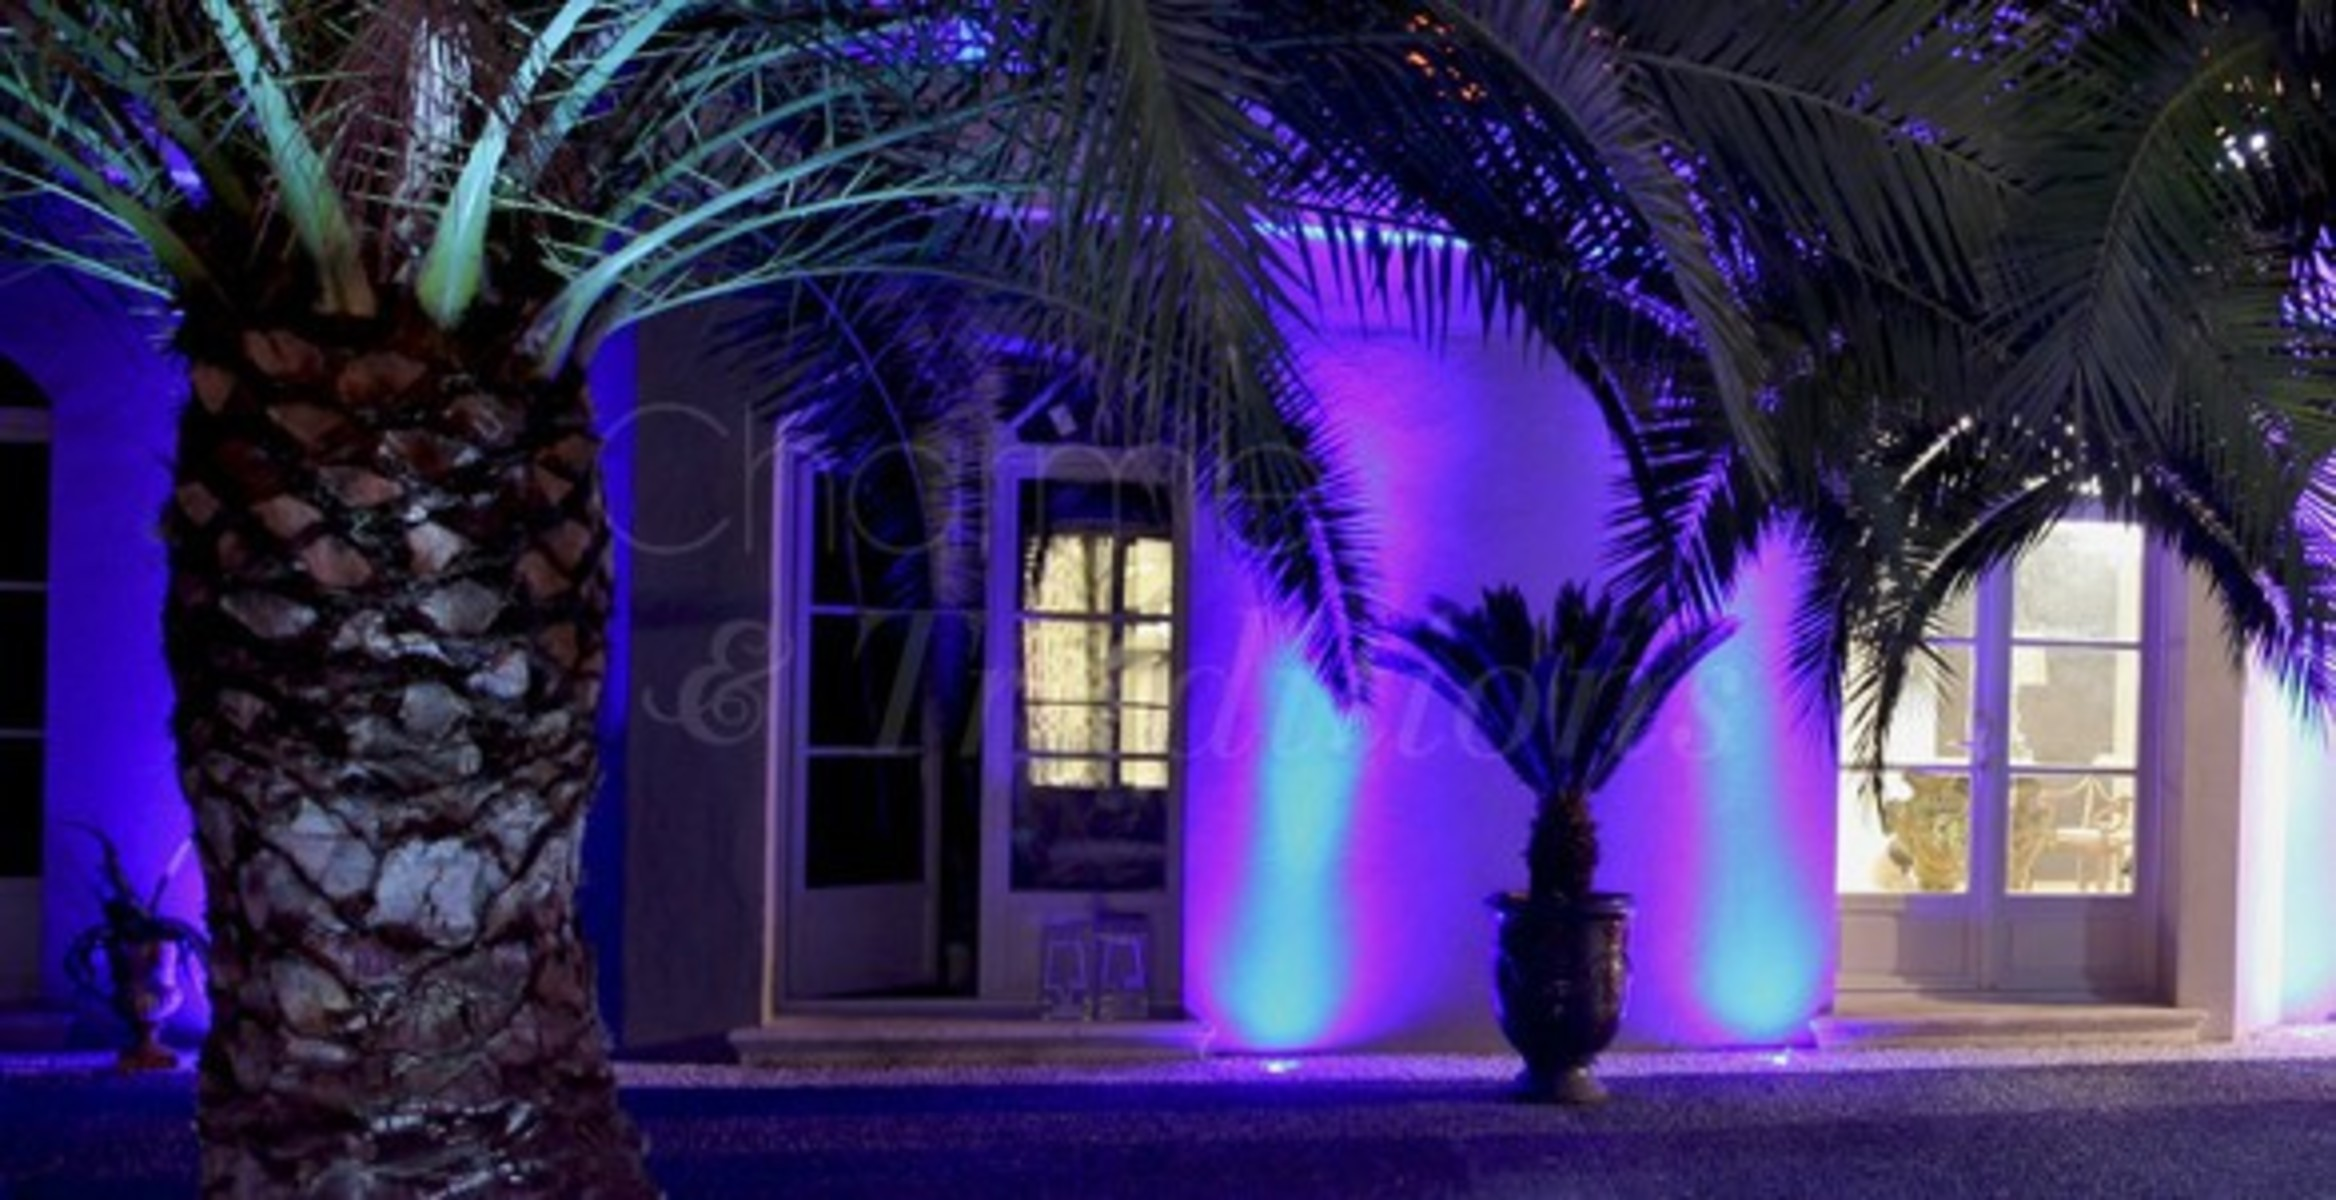 La villa nova chambre d 39 hote montpellier herault - Chambres d hotes la villa alienor ...